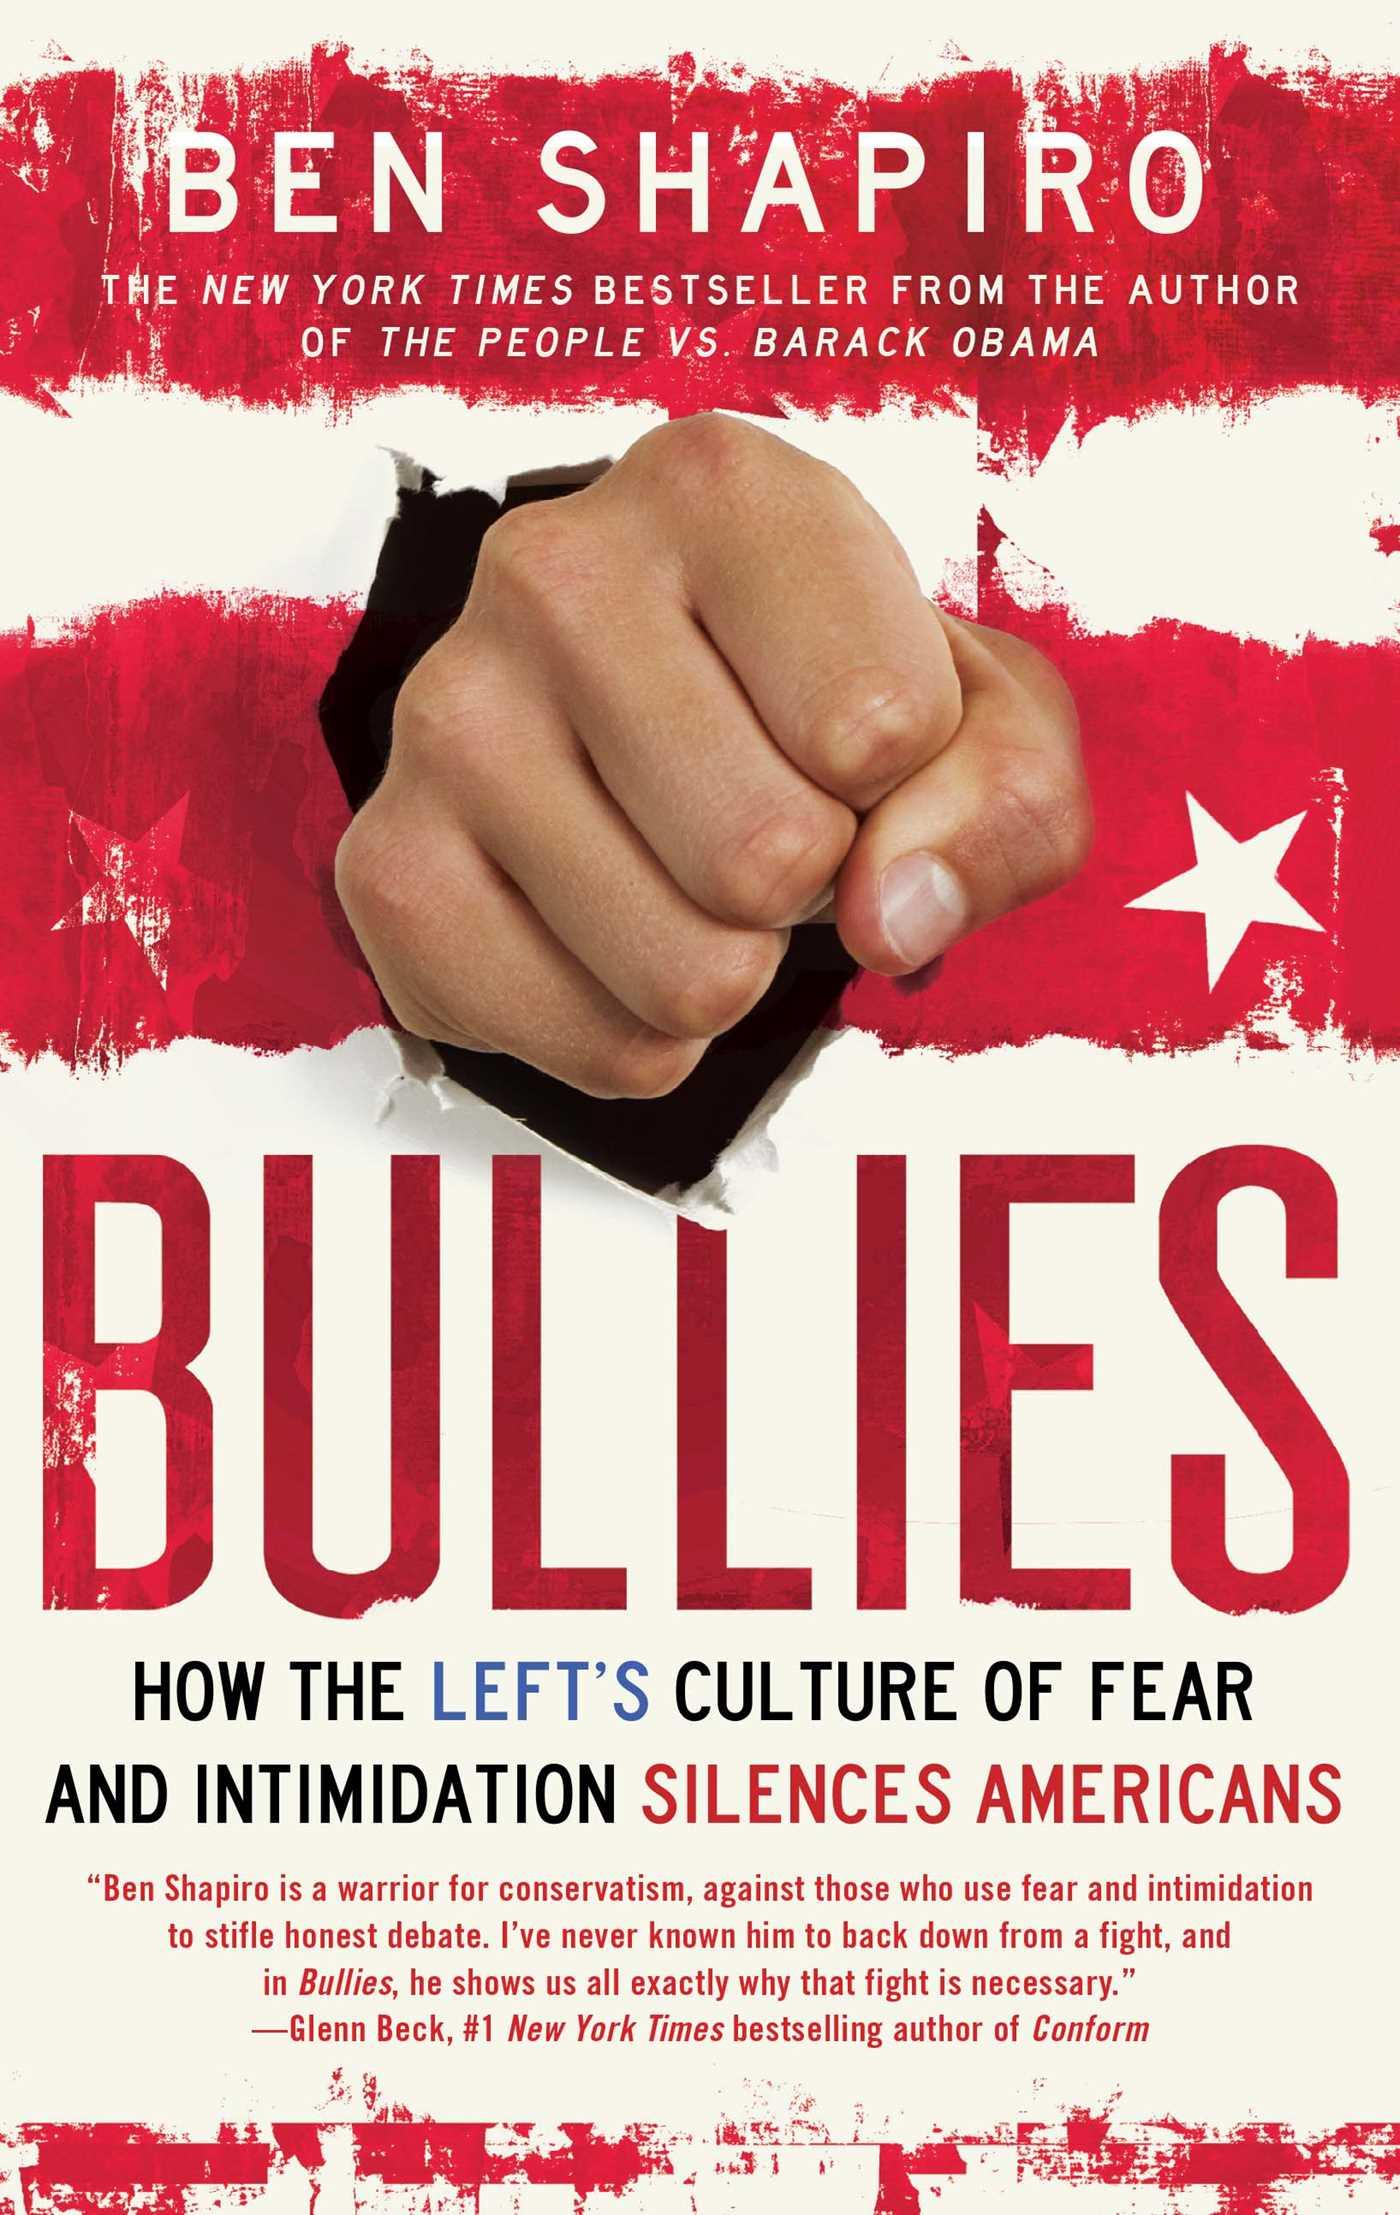 Bullies 9781476710006 hr